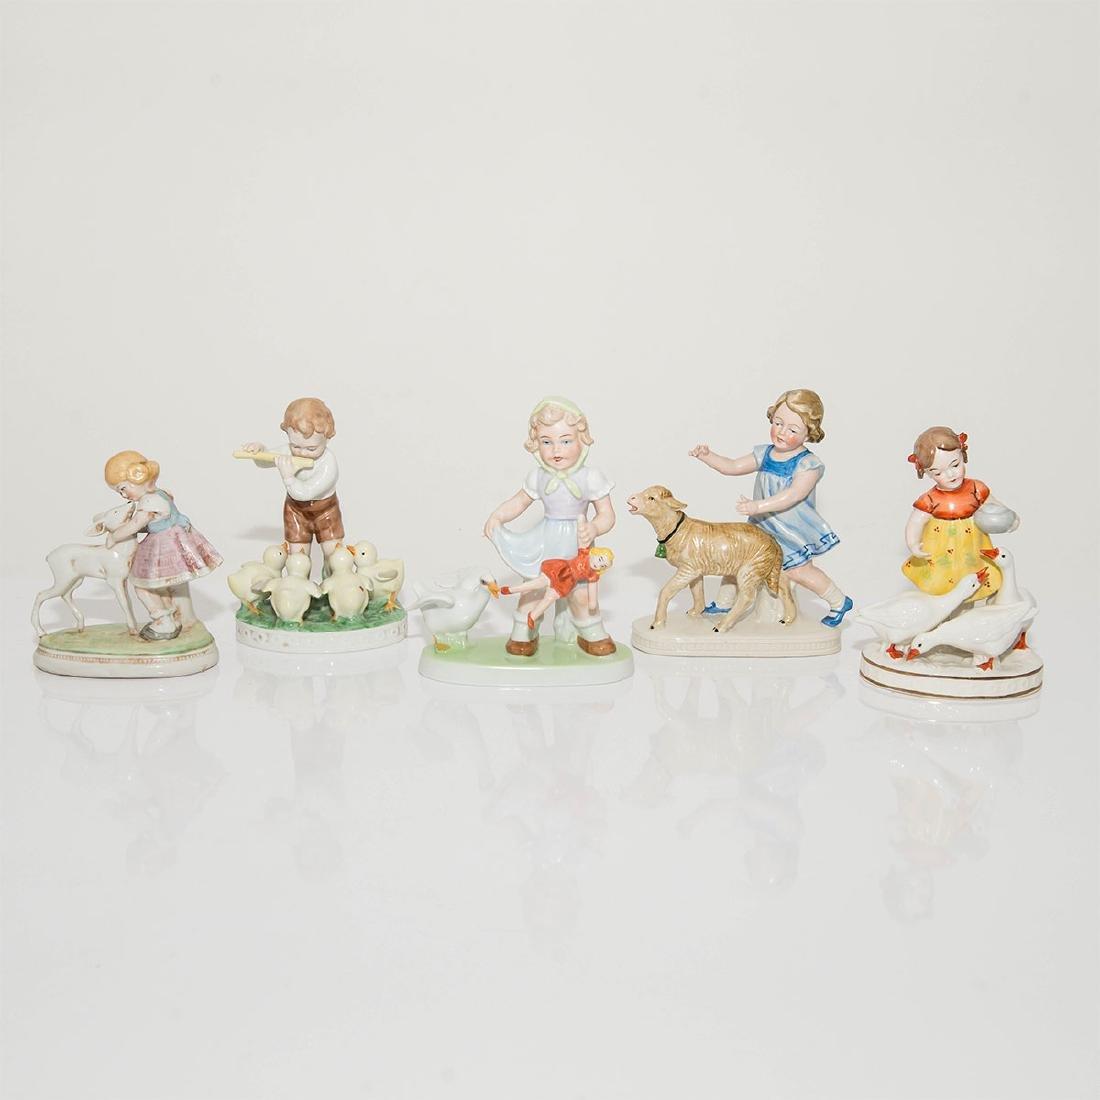 GROUP OF 5 VINTAGE GERMAN FIGURINES KIDS